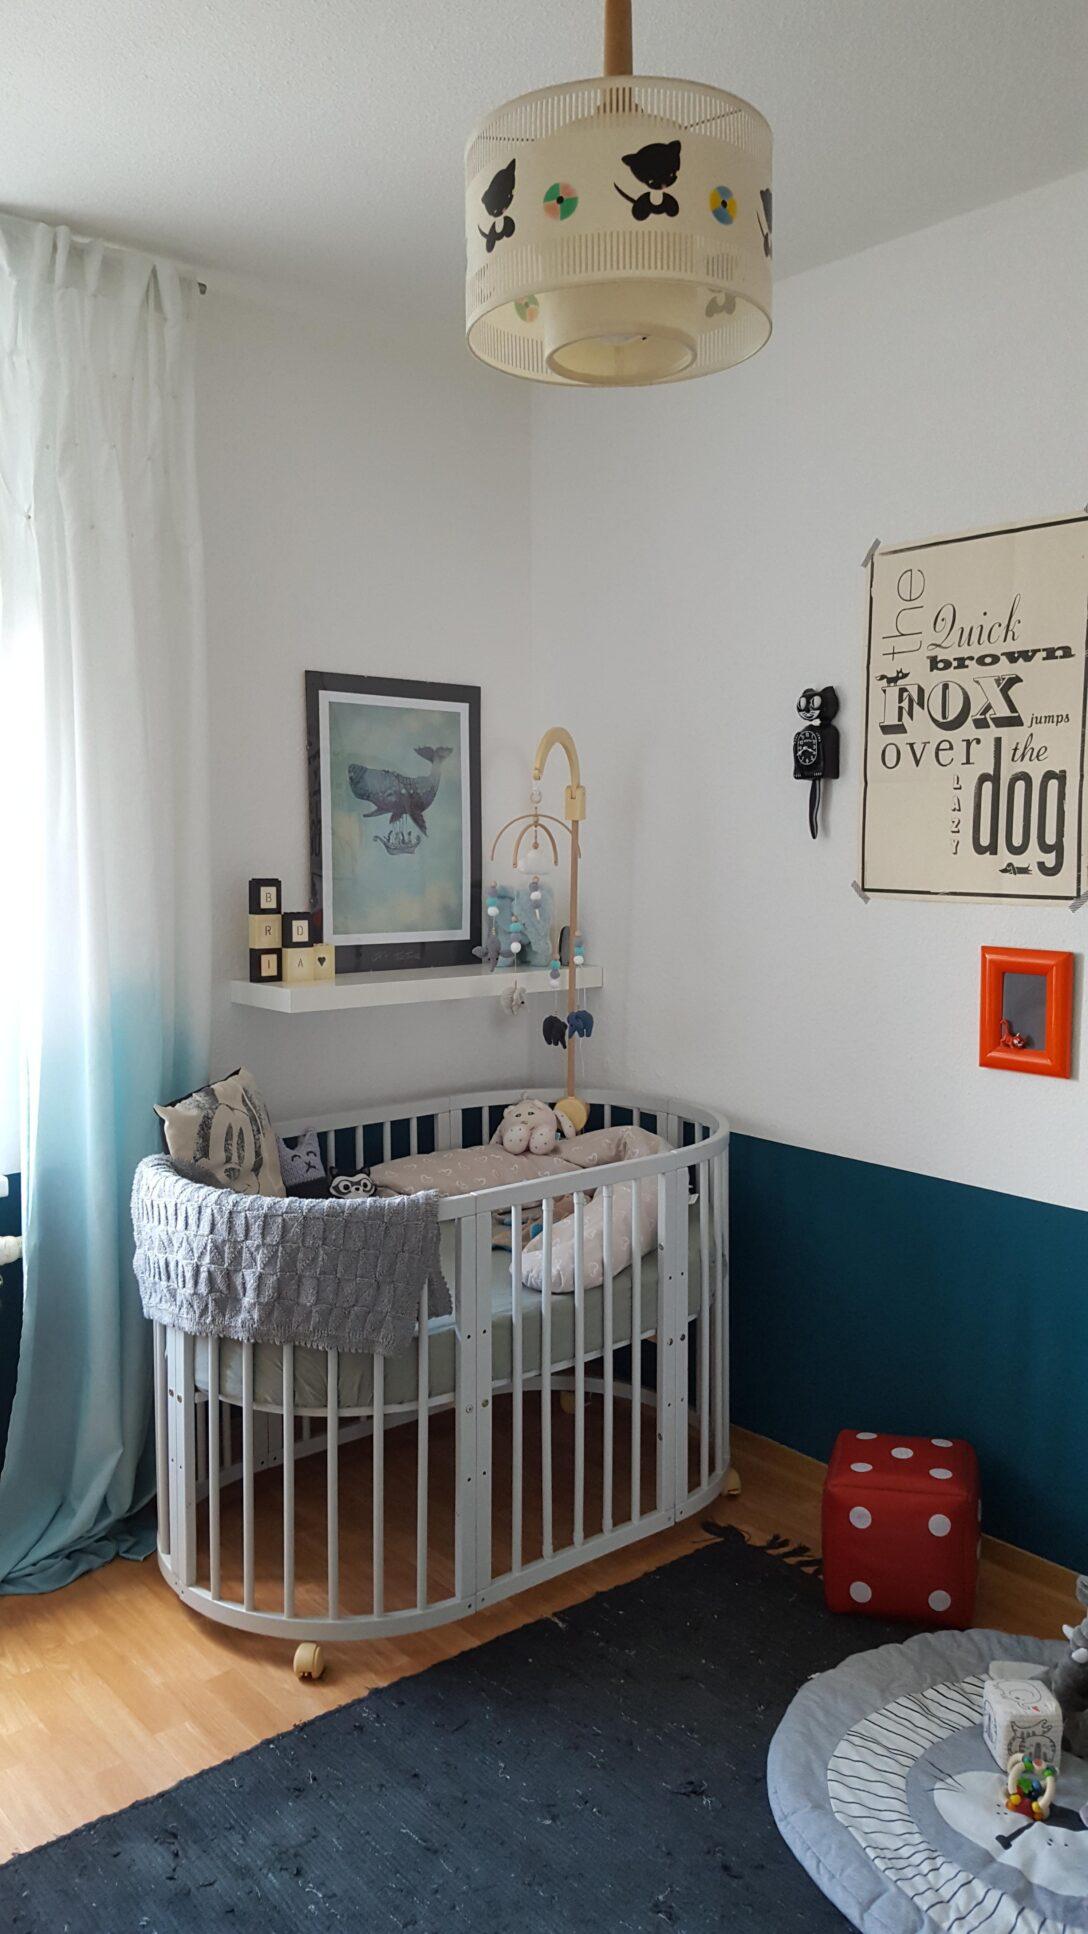 Large Size of Kinderzimmer Vorhänge Wohnzimmer Regal Schlafzimmer Küche Weiß Regale Sofa Kinderzimmer Kinderzimmer Vorhänge